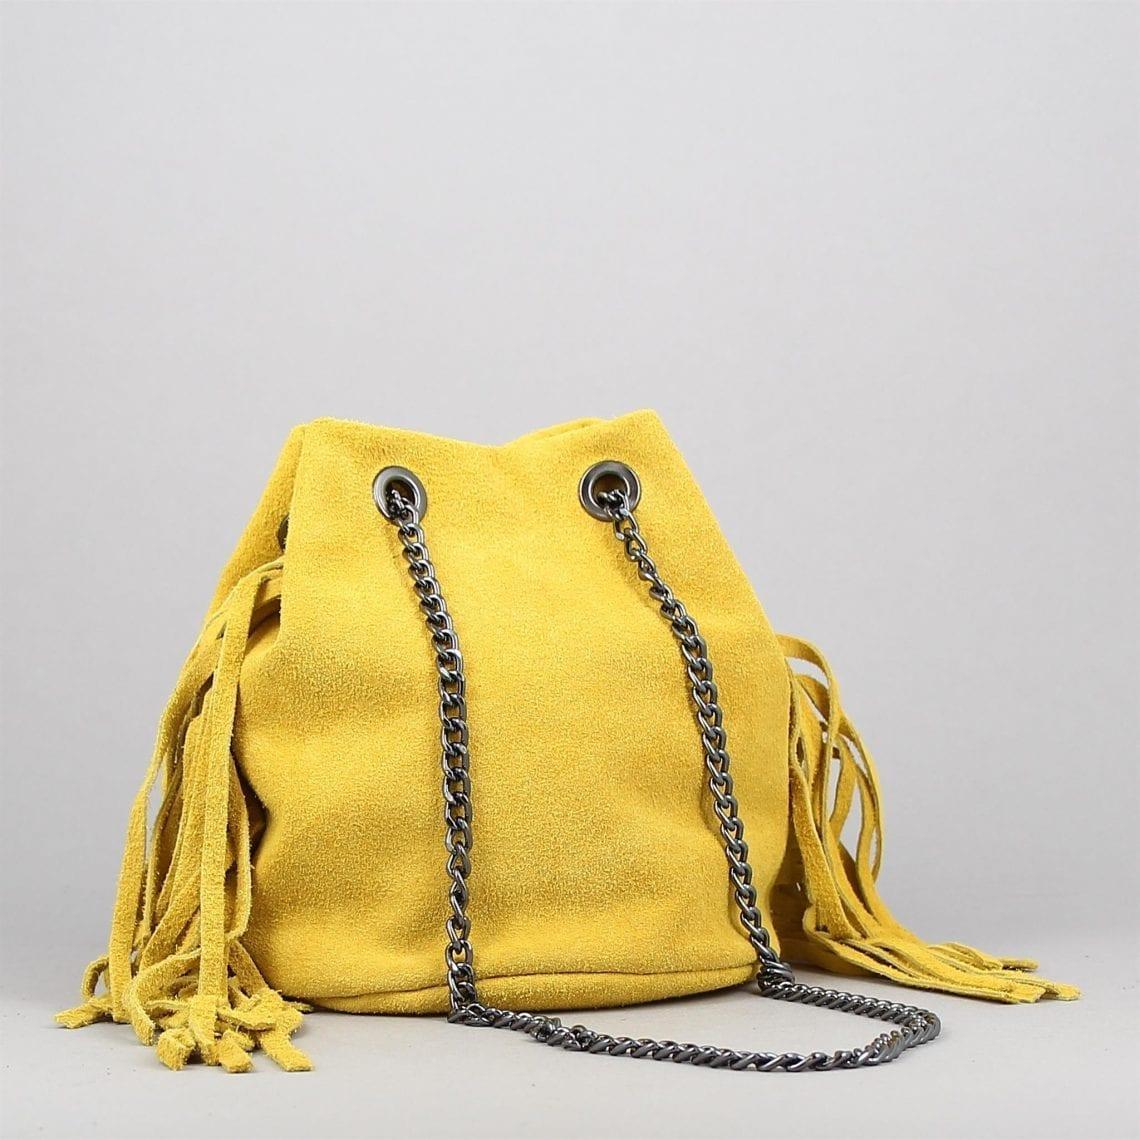 capri-jaune-162152450-0.jpg